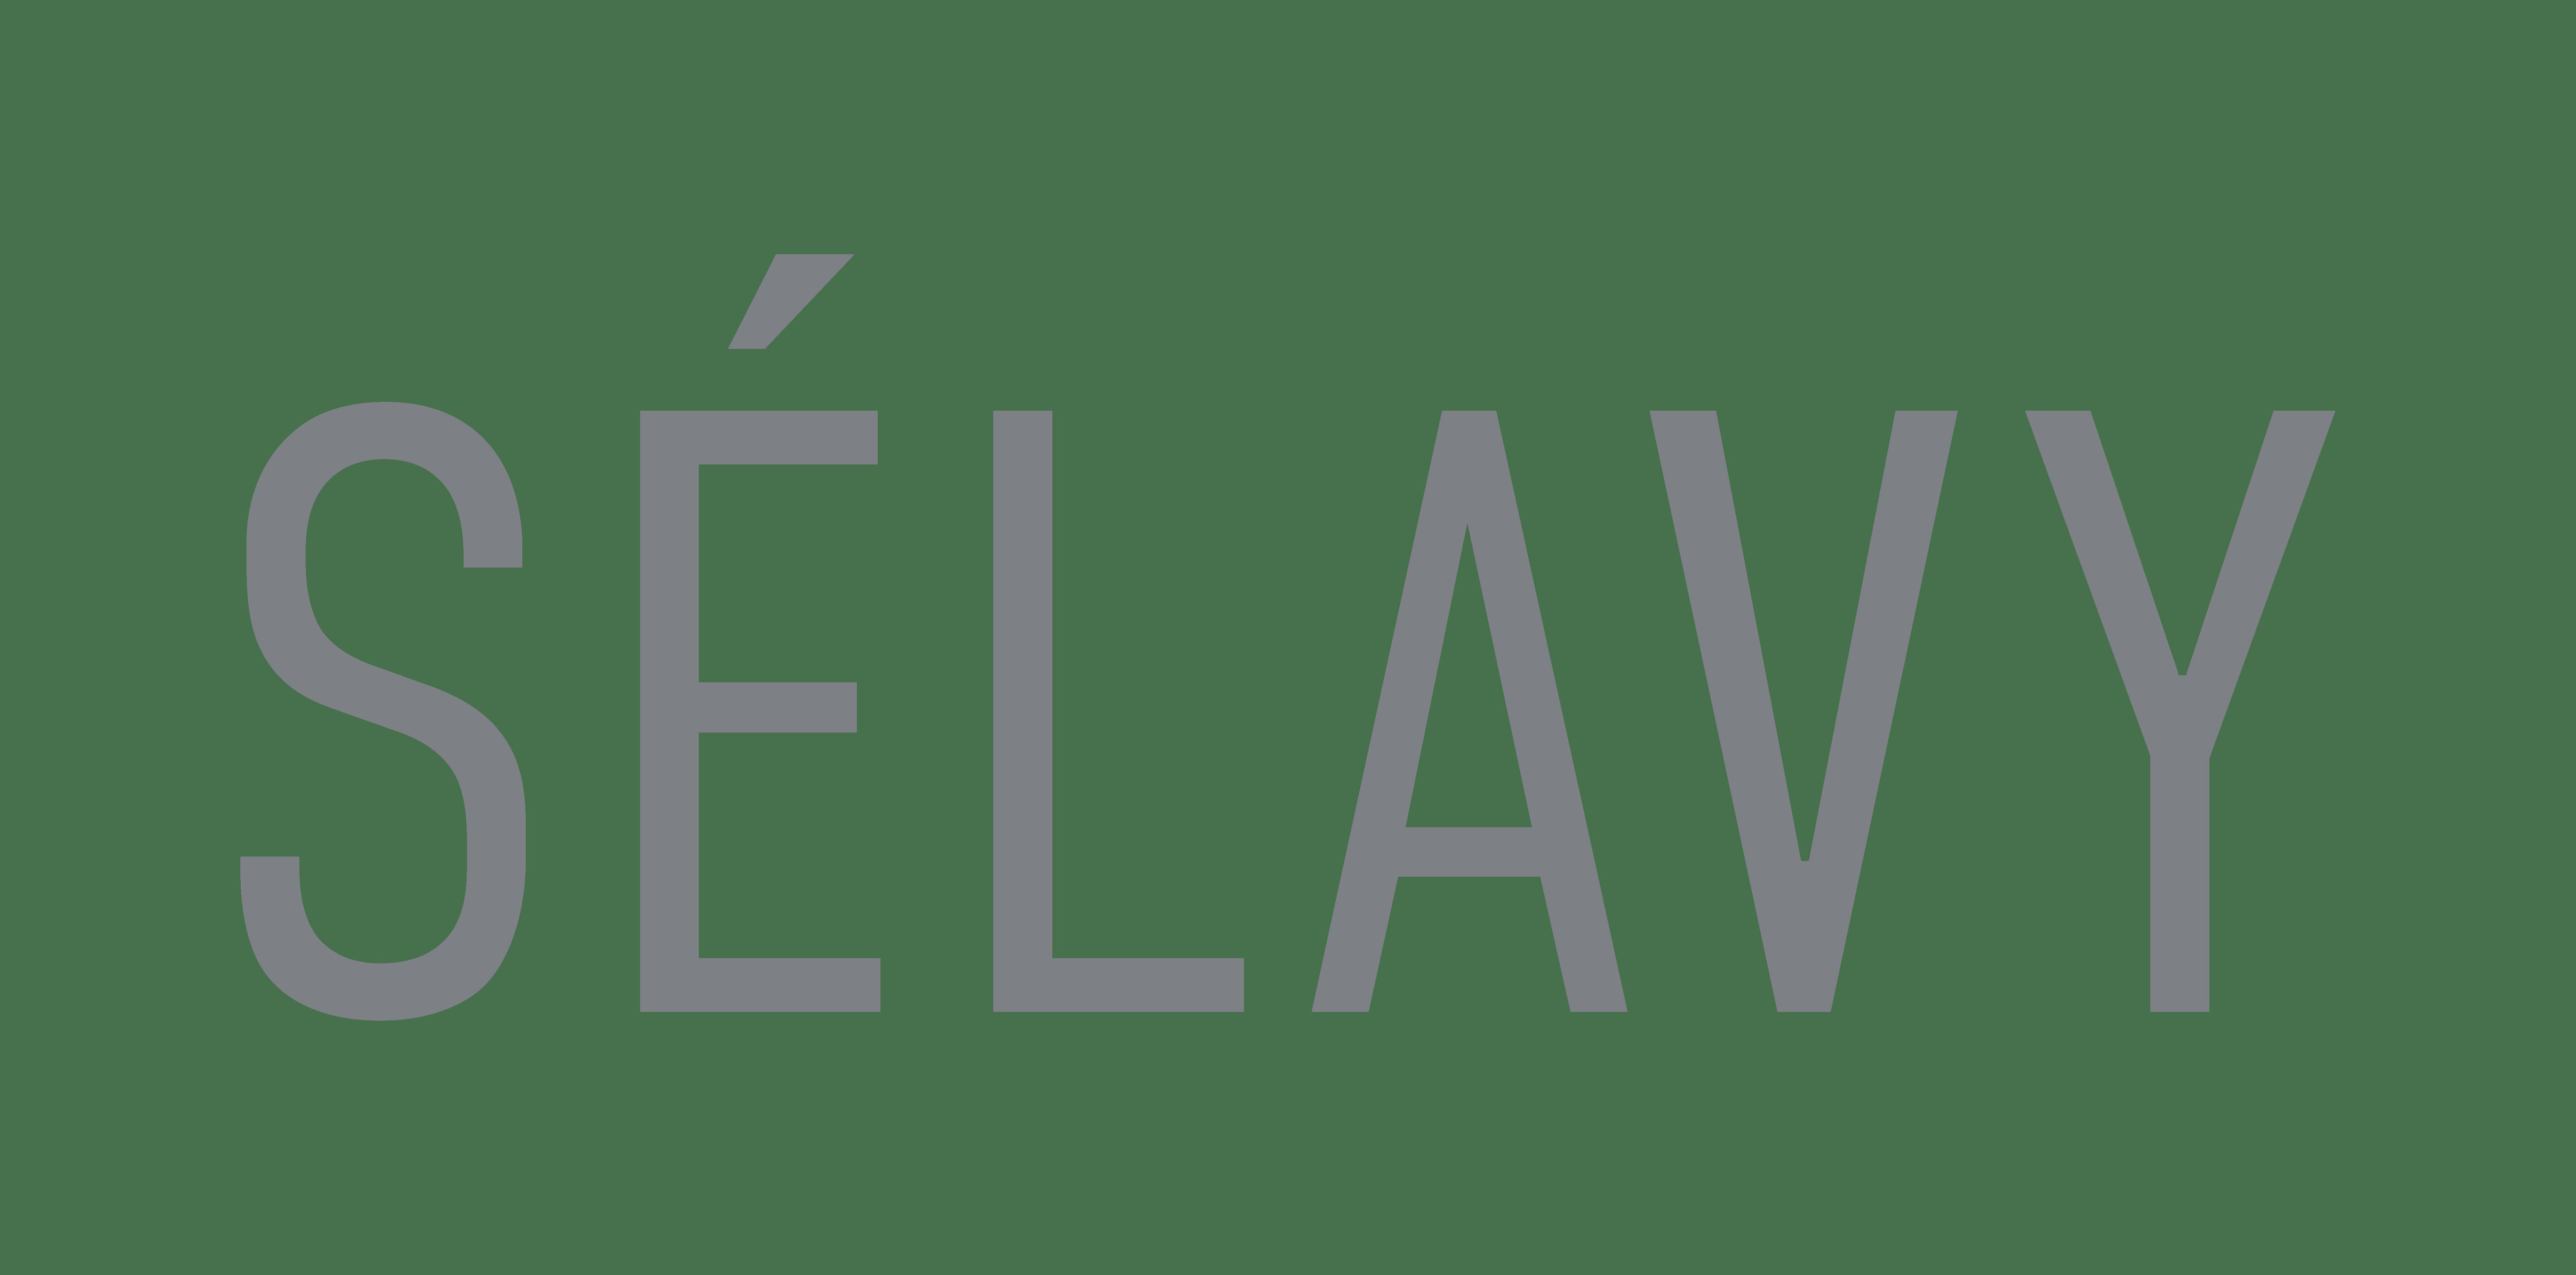 SÉLAVY company logo